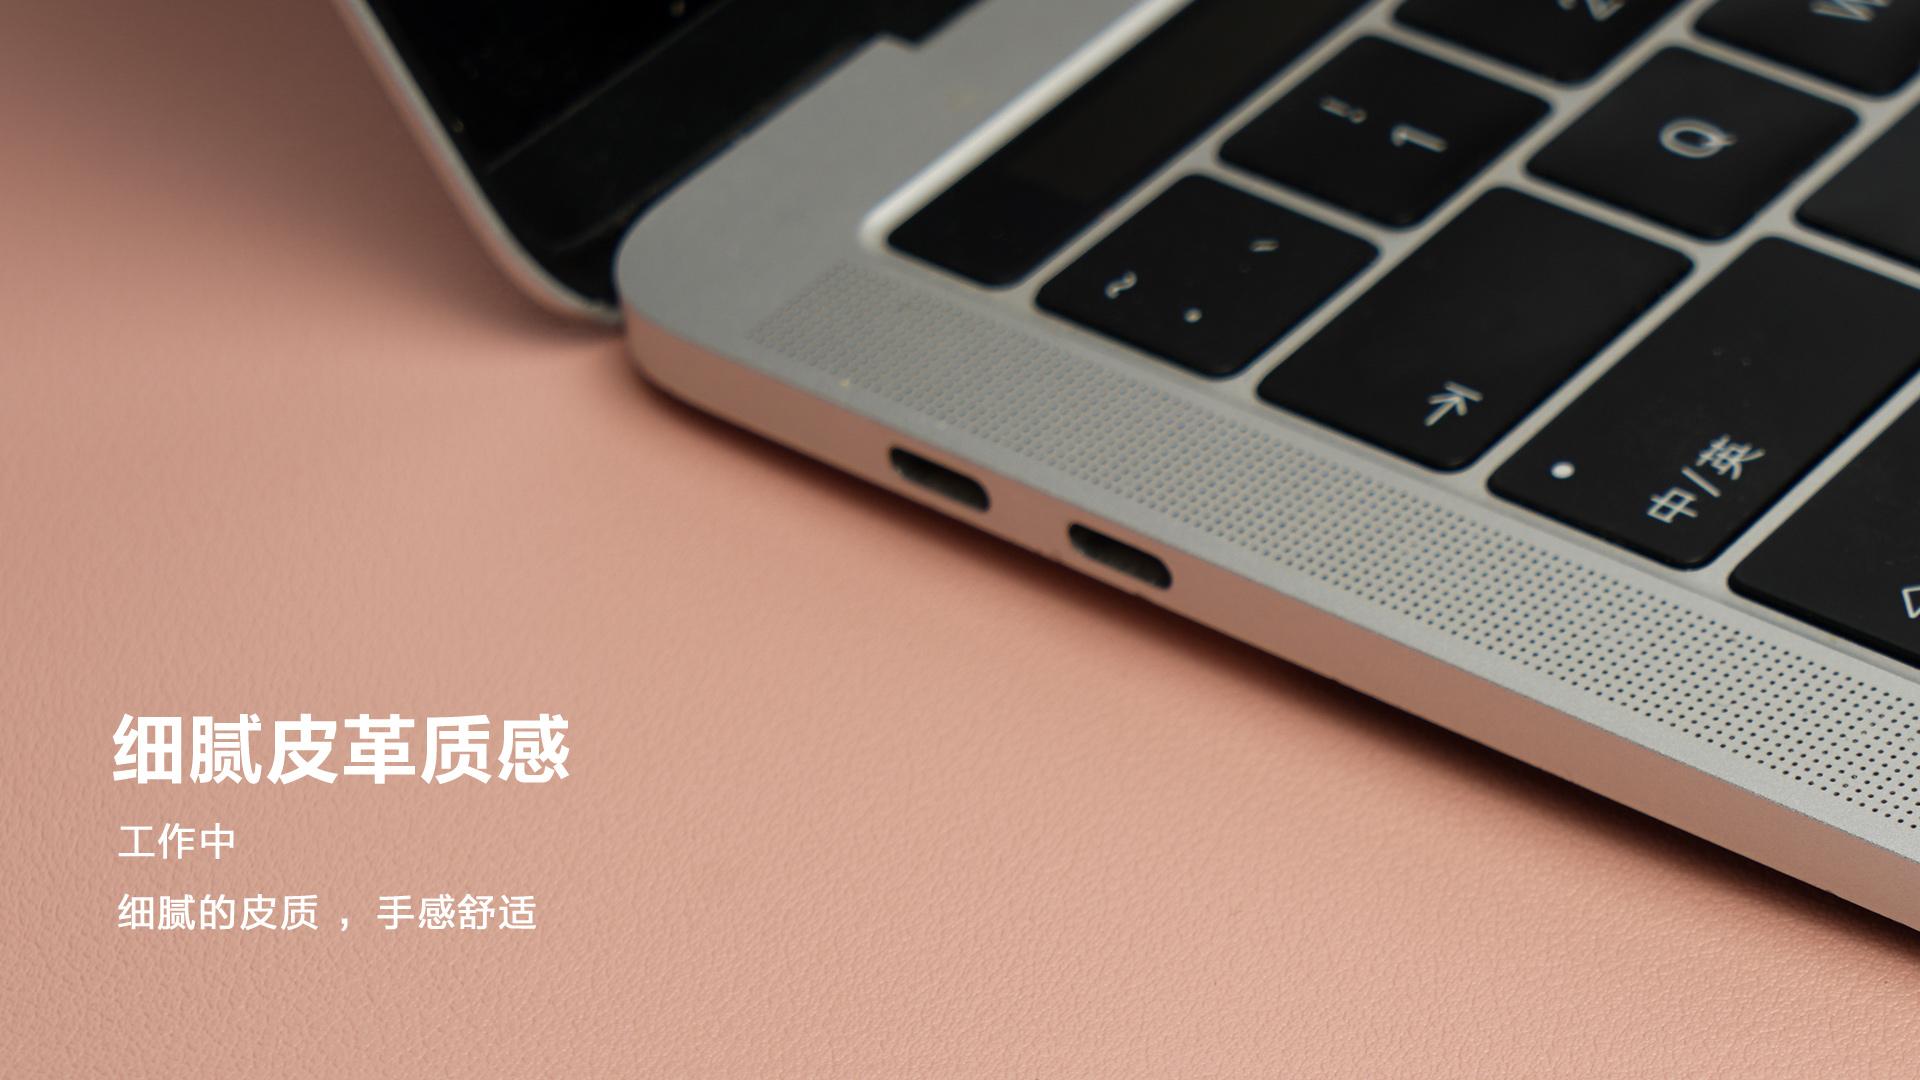 远看是硬实木 其实手感是柔软的皮革的双面桌面鼠标垫  图片 科技 评测 第9张